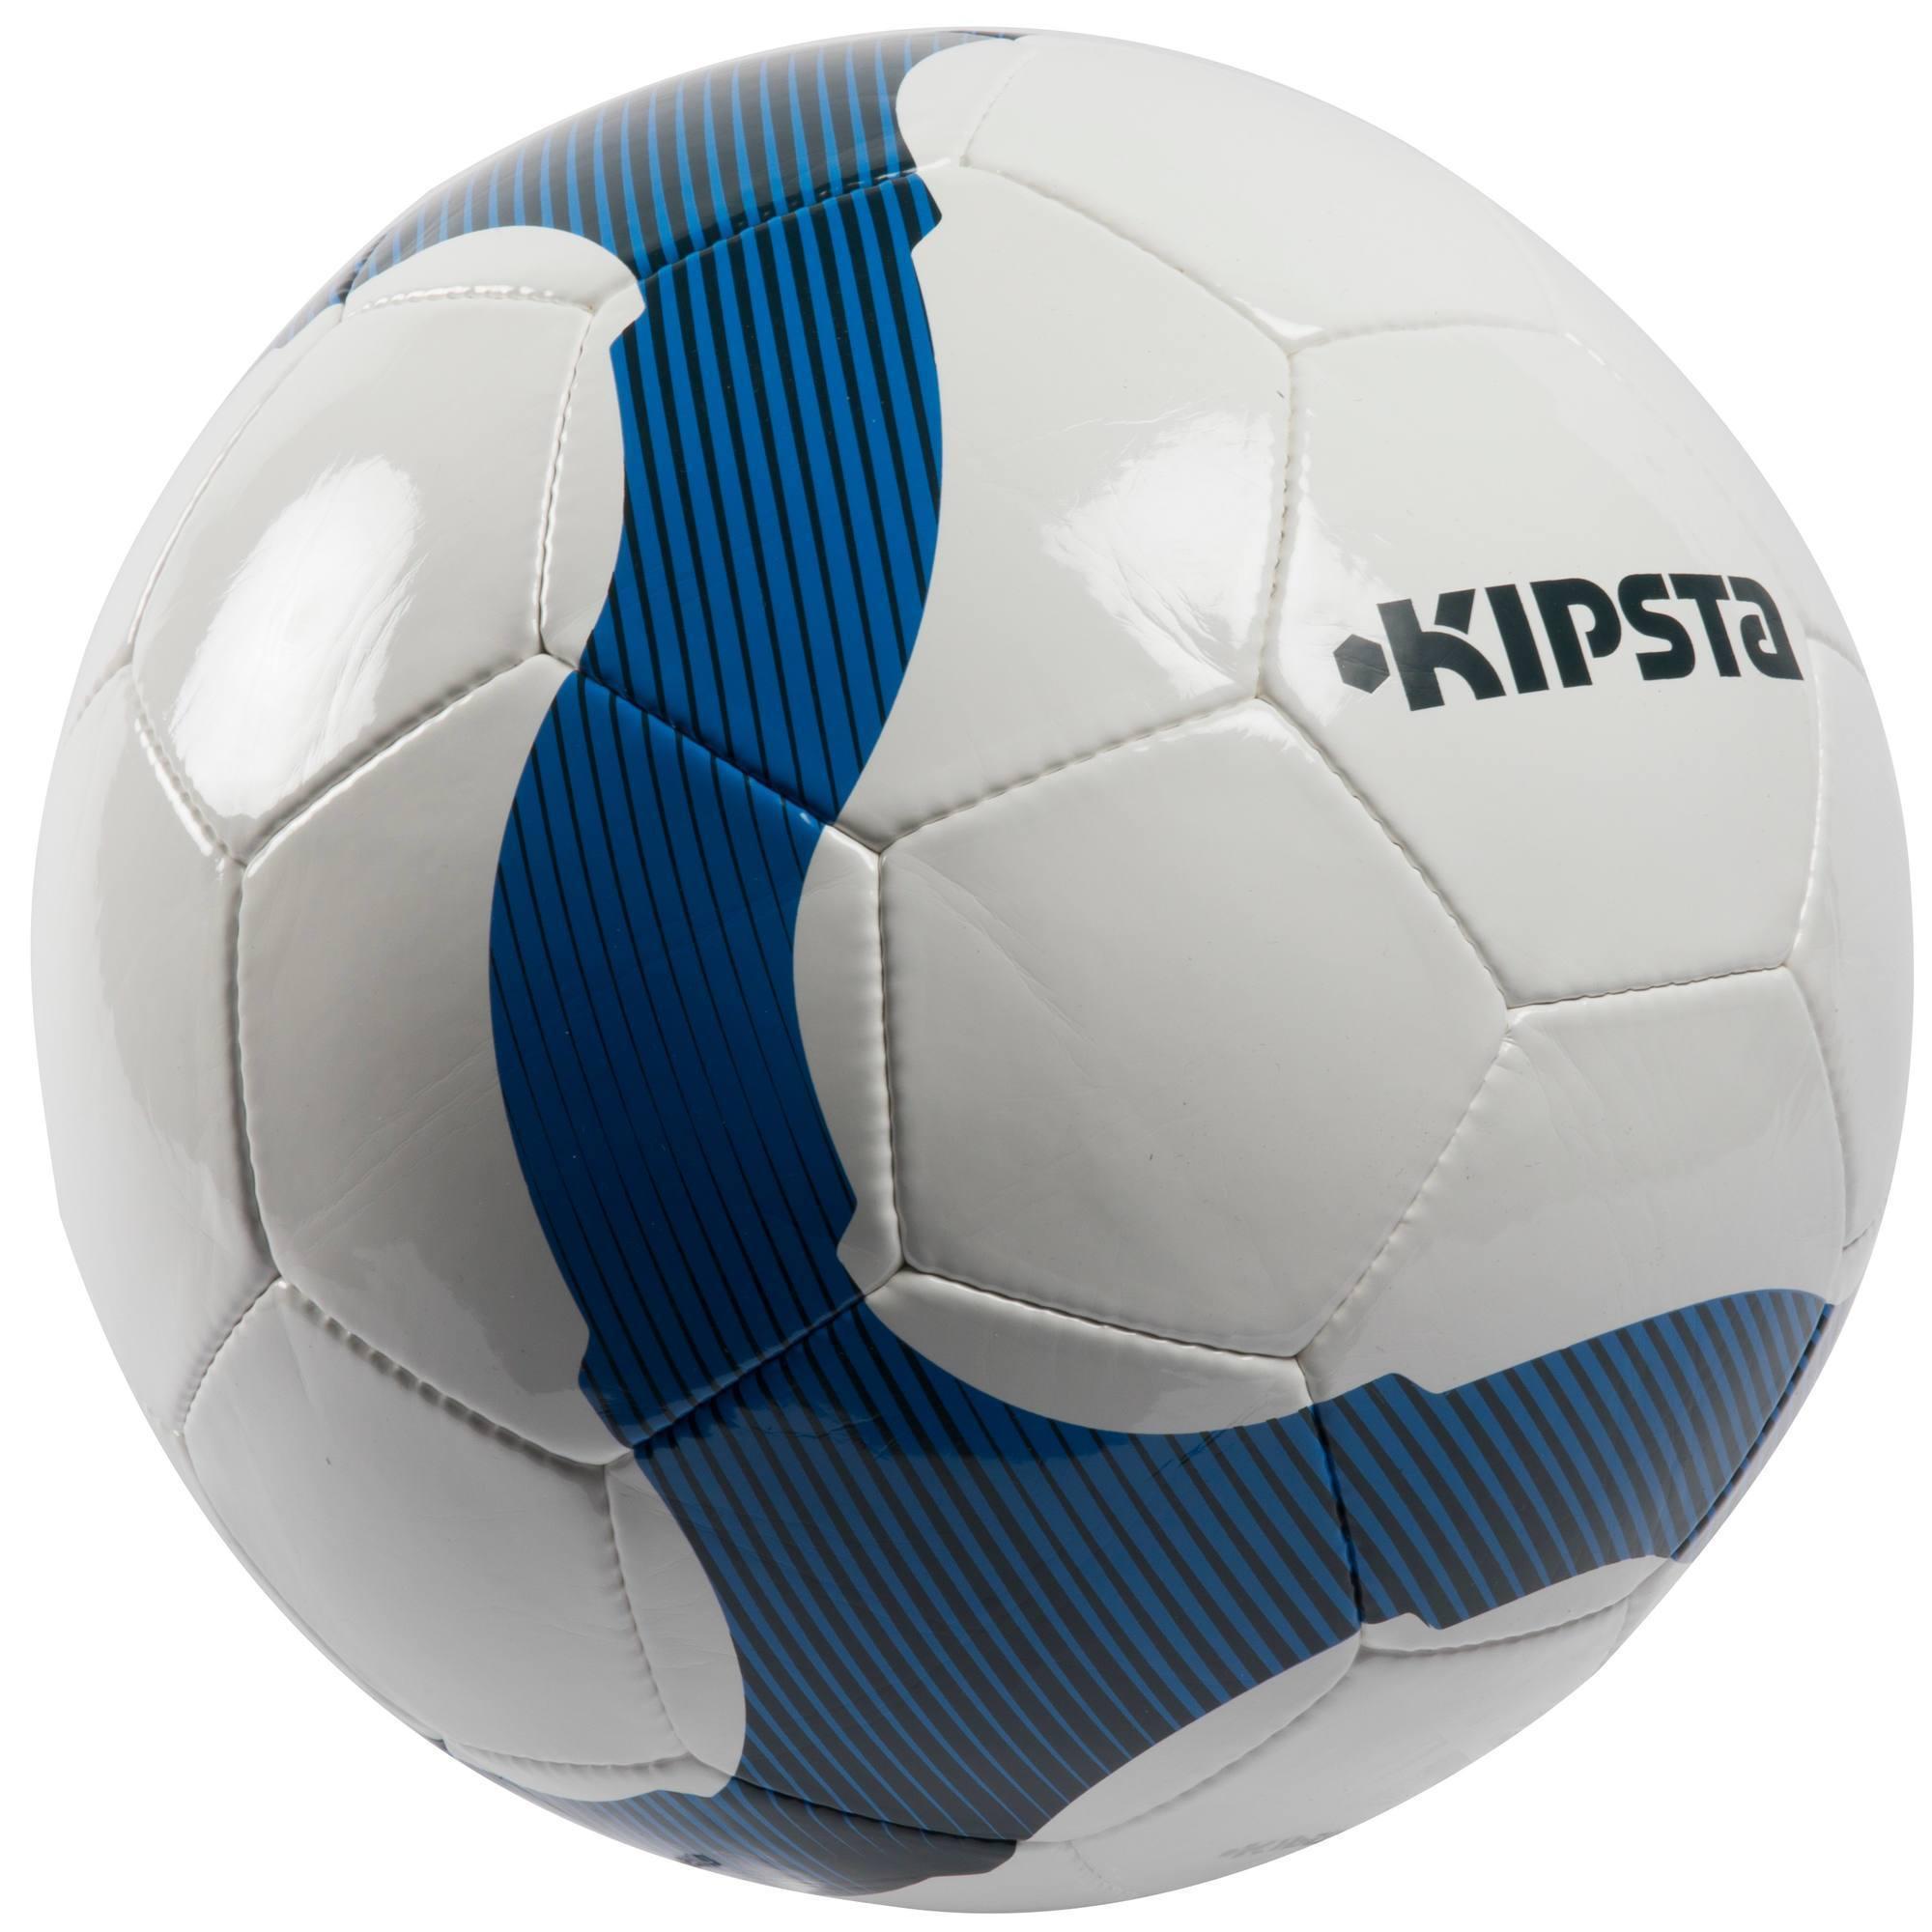 Ballon de football pour le Foot Fauteuil blanc bleu